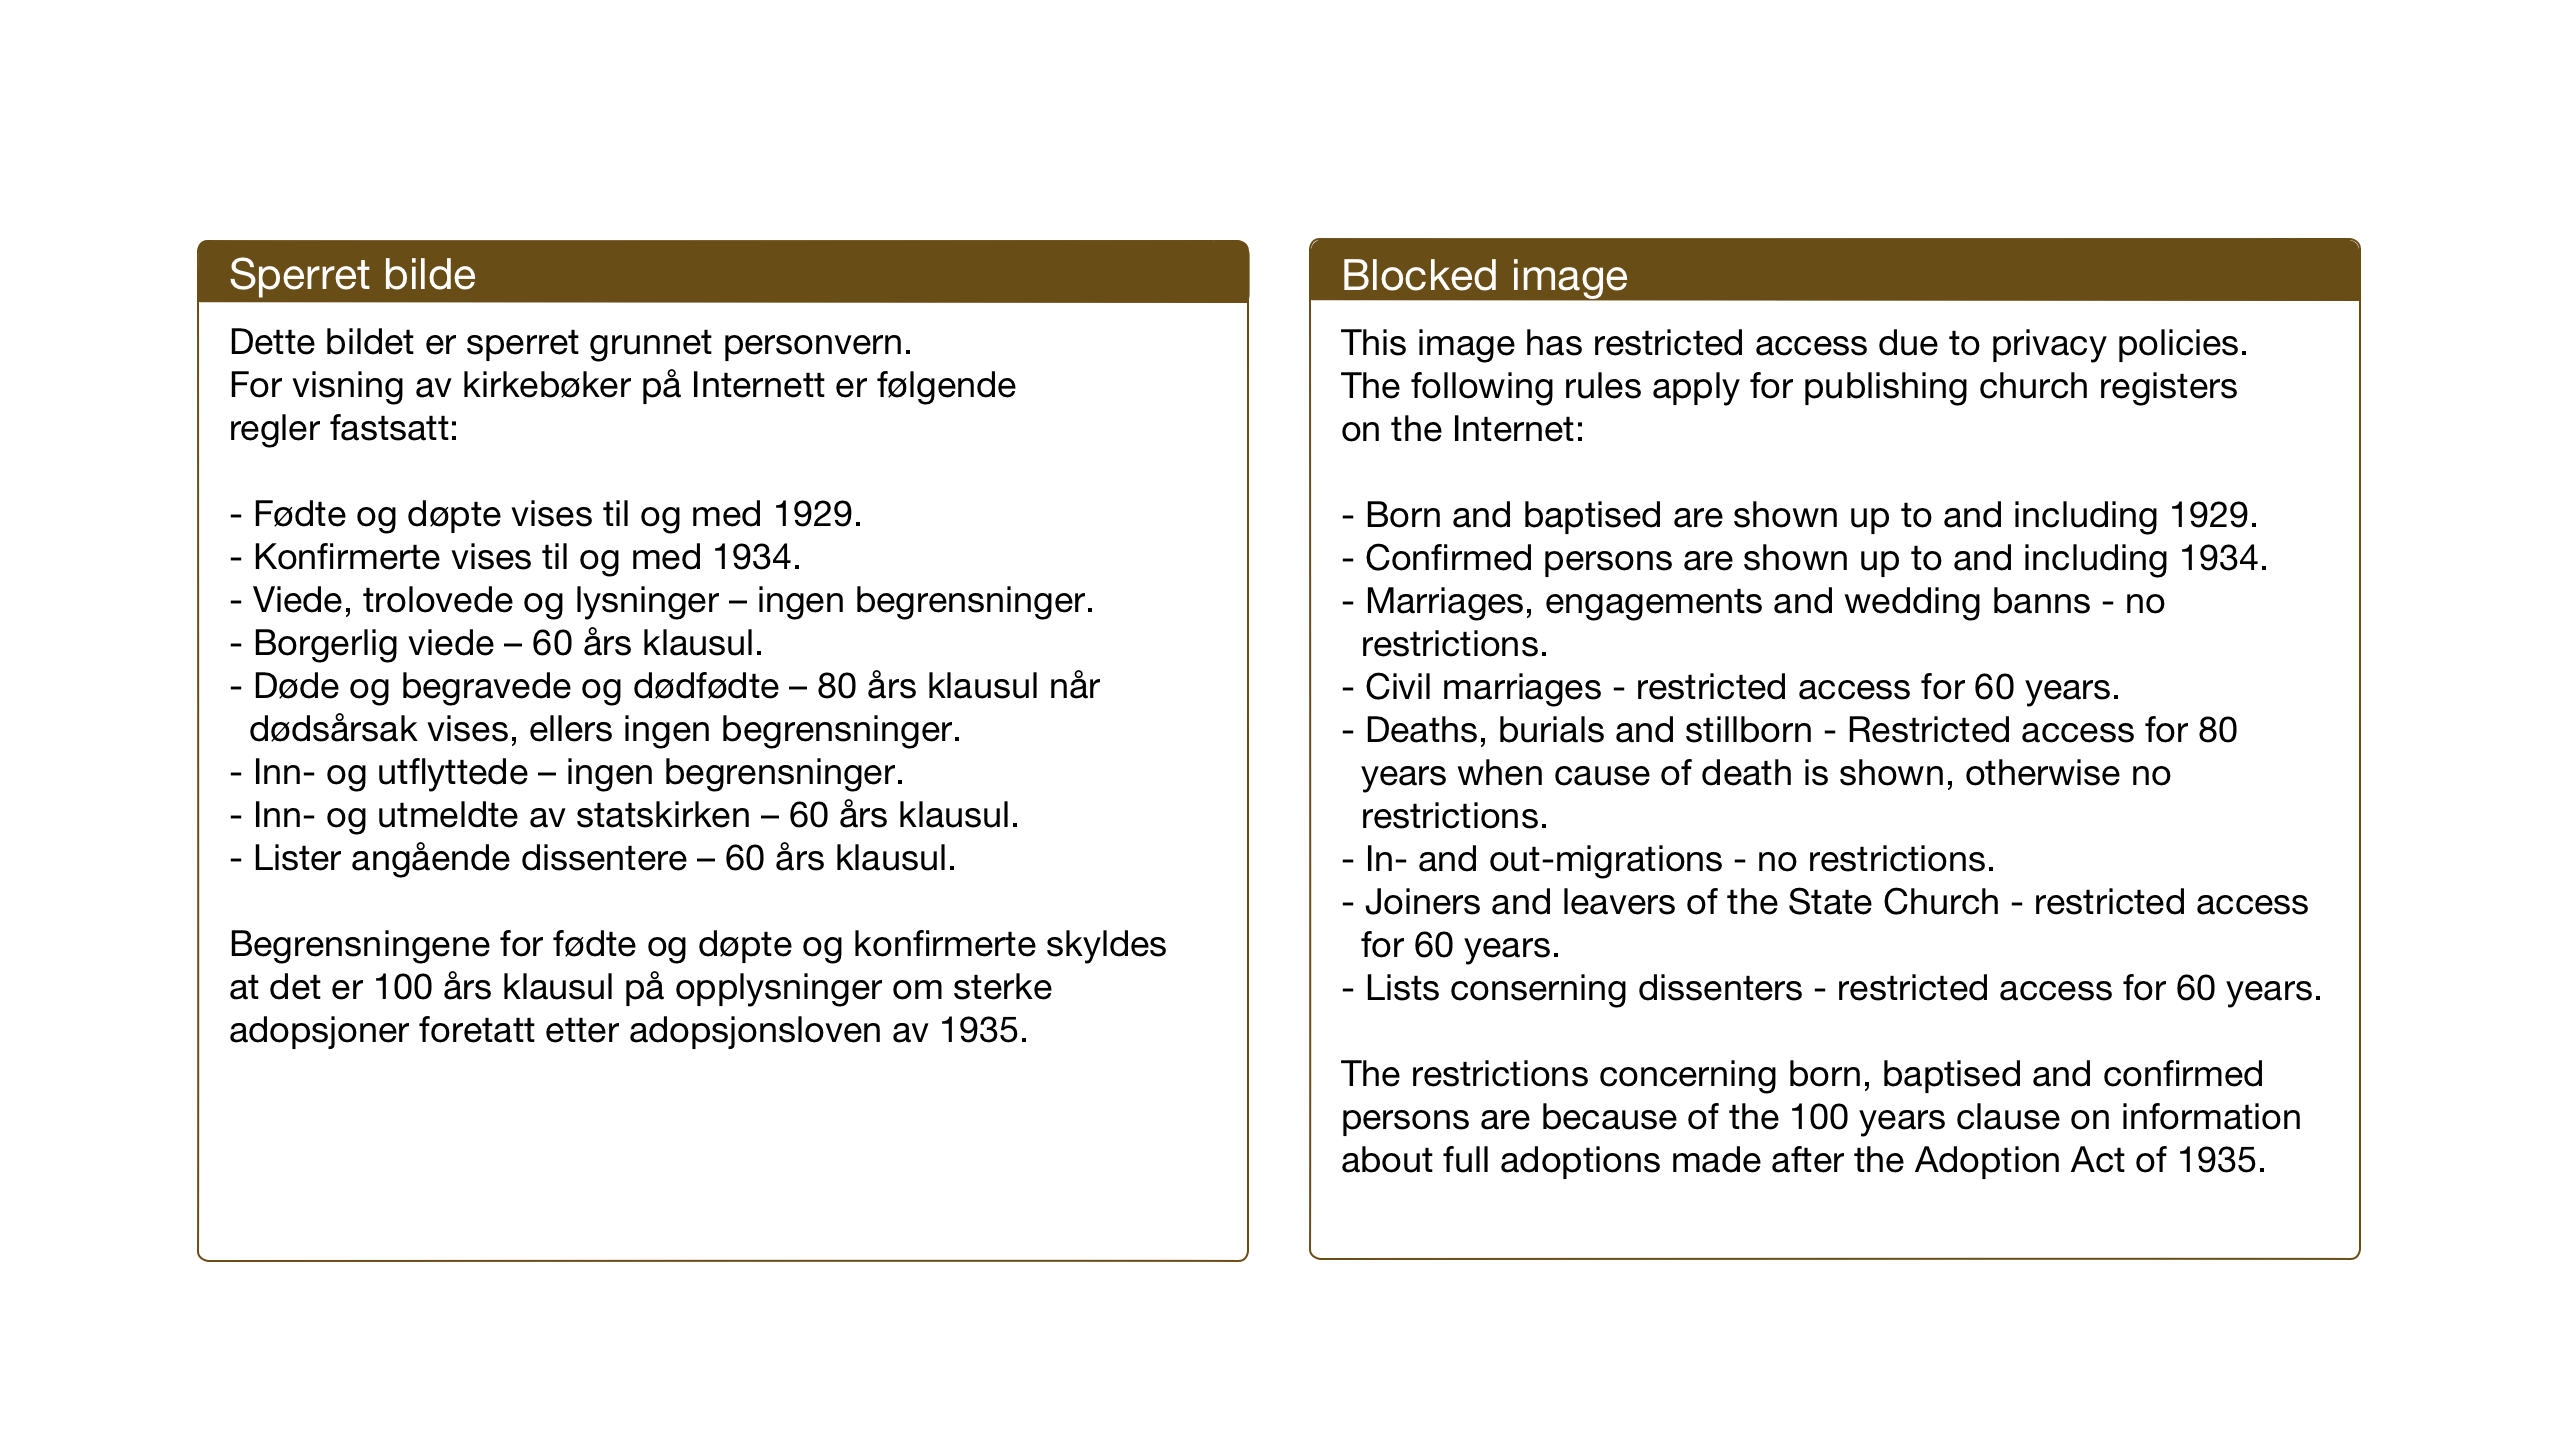 SAT, Ministerialprotokoller, klokkerbøker og fødselsregistre - Nord-Trøndelag, 741/L0403: Ministerialbok nr. 741C04, 1925-1944, s. 113